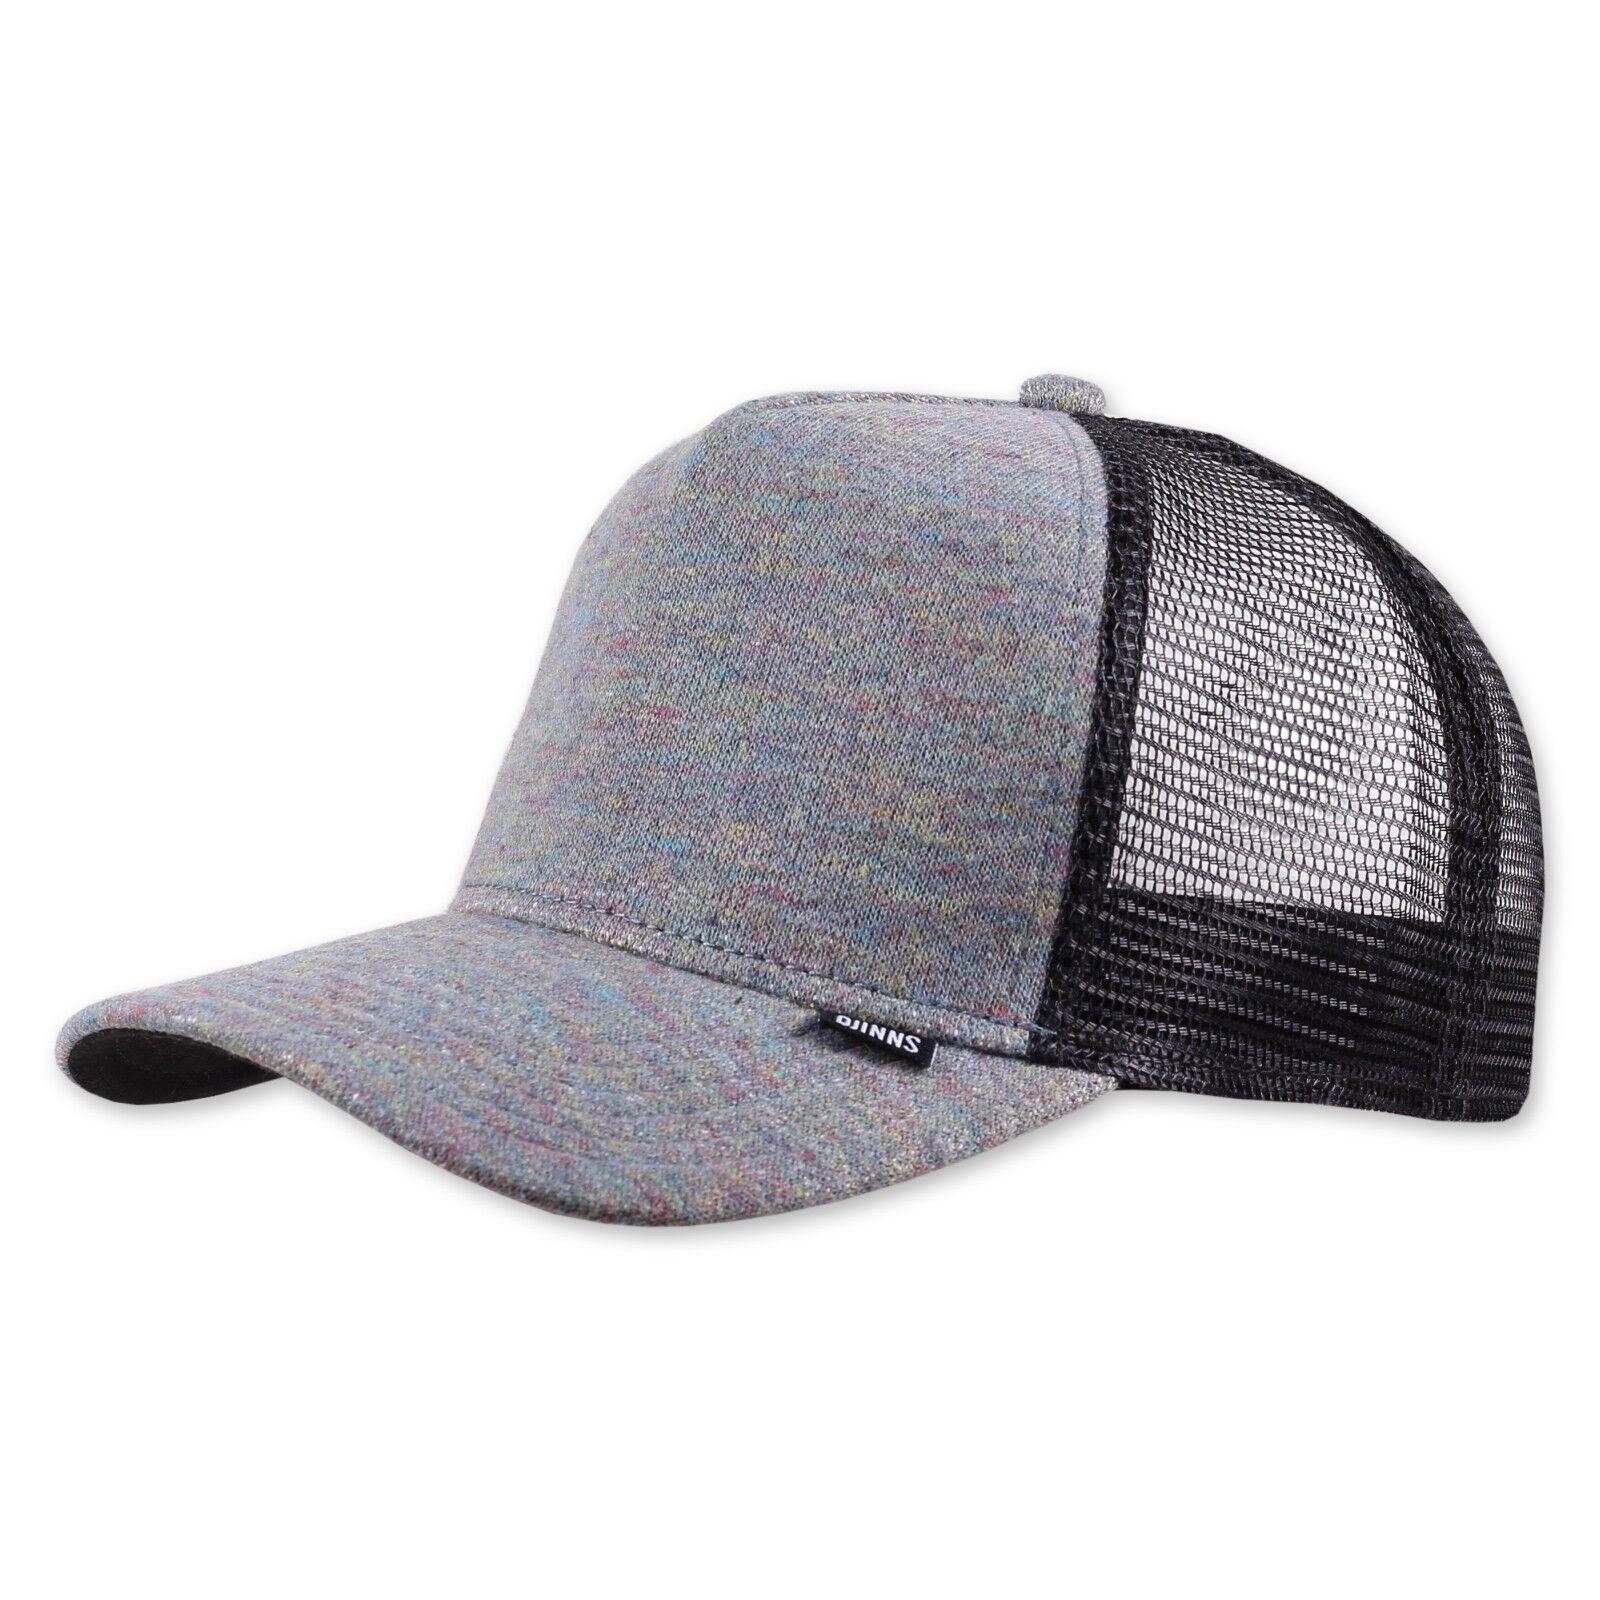 HFT Spot Koper grey